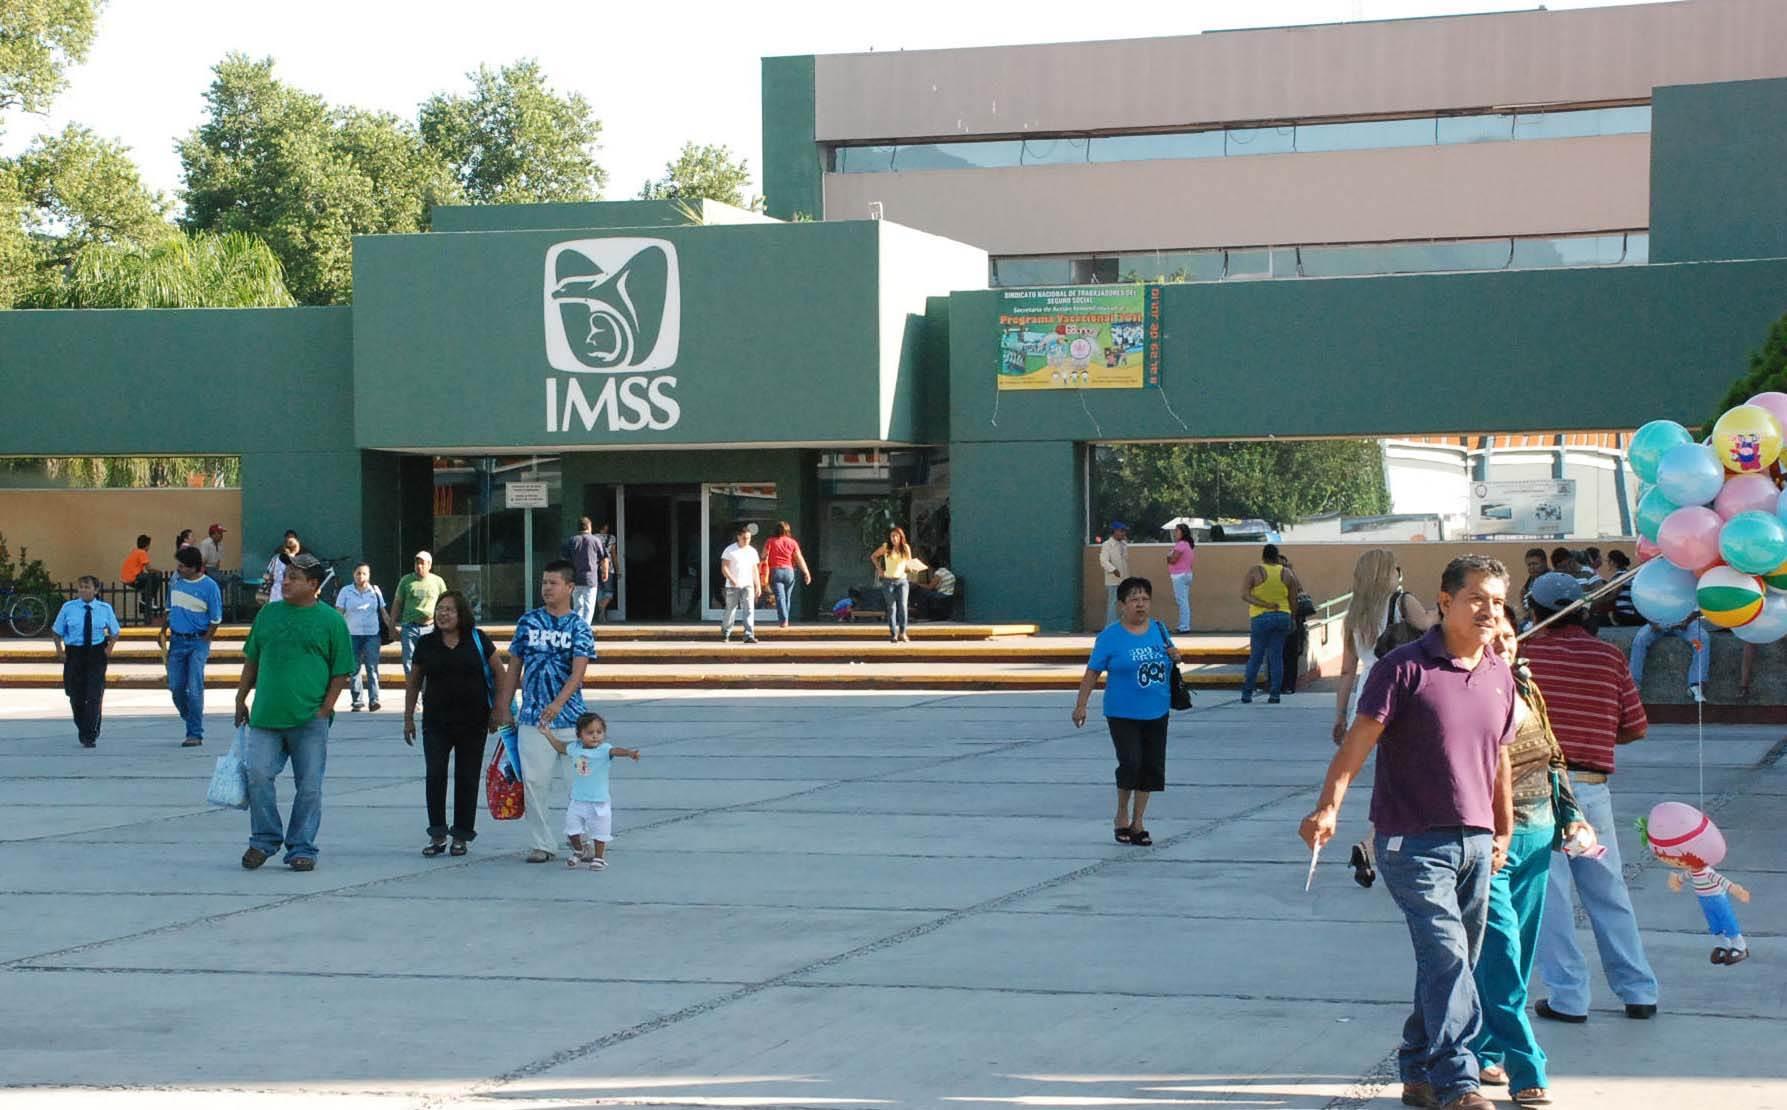 Petición económica de grupo de jubilados, sin sustento legal: IMSS